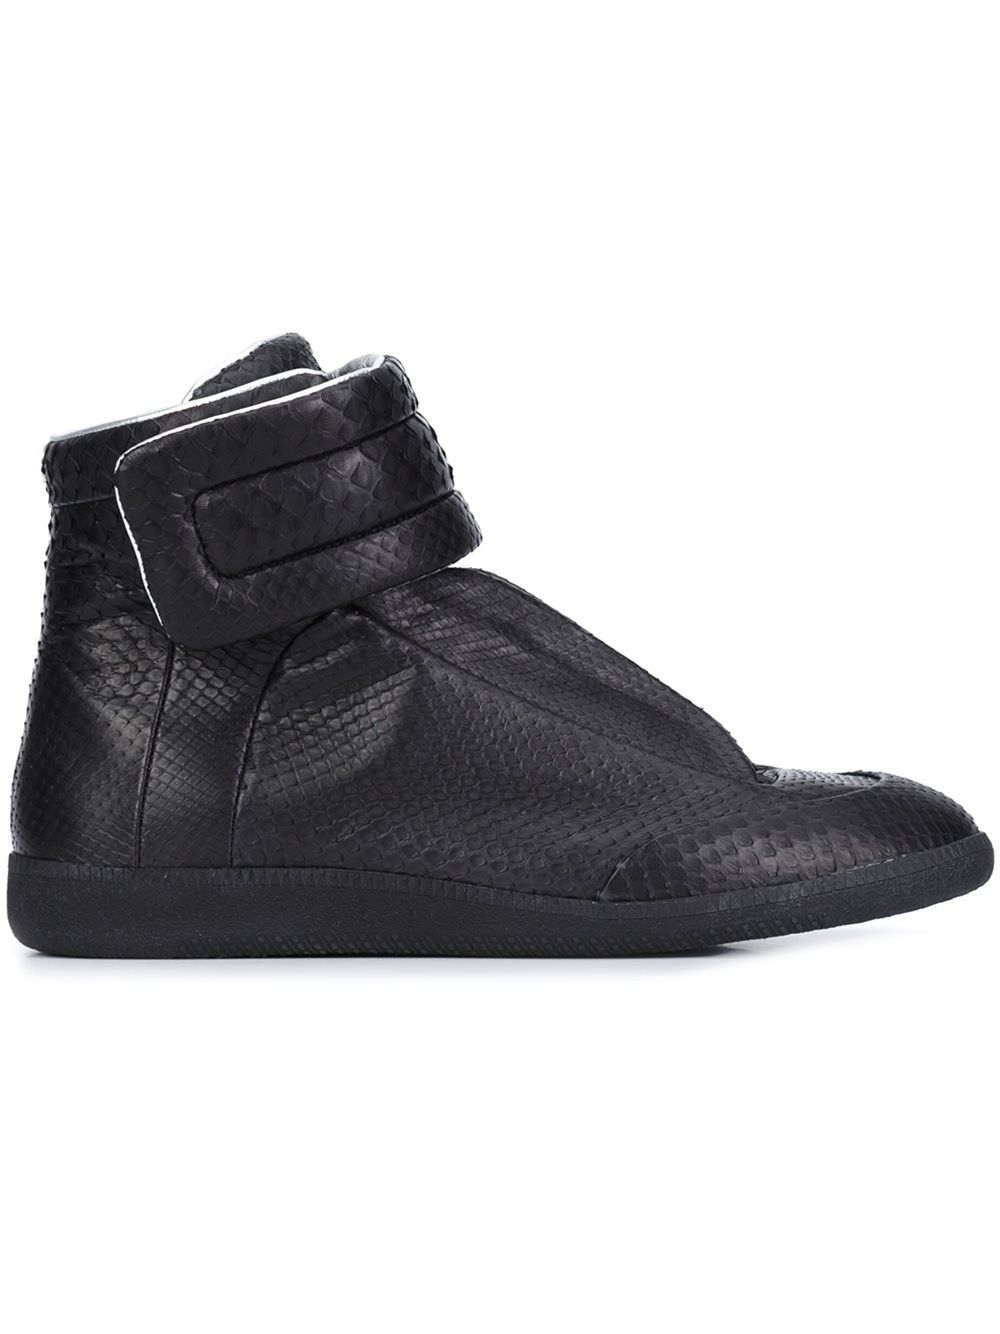 margiela black sneakers